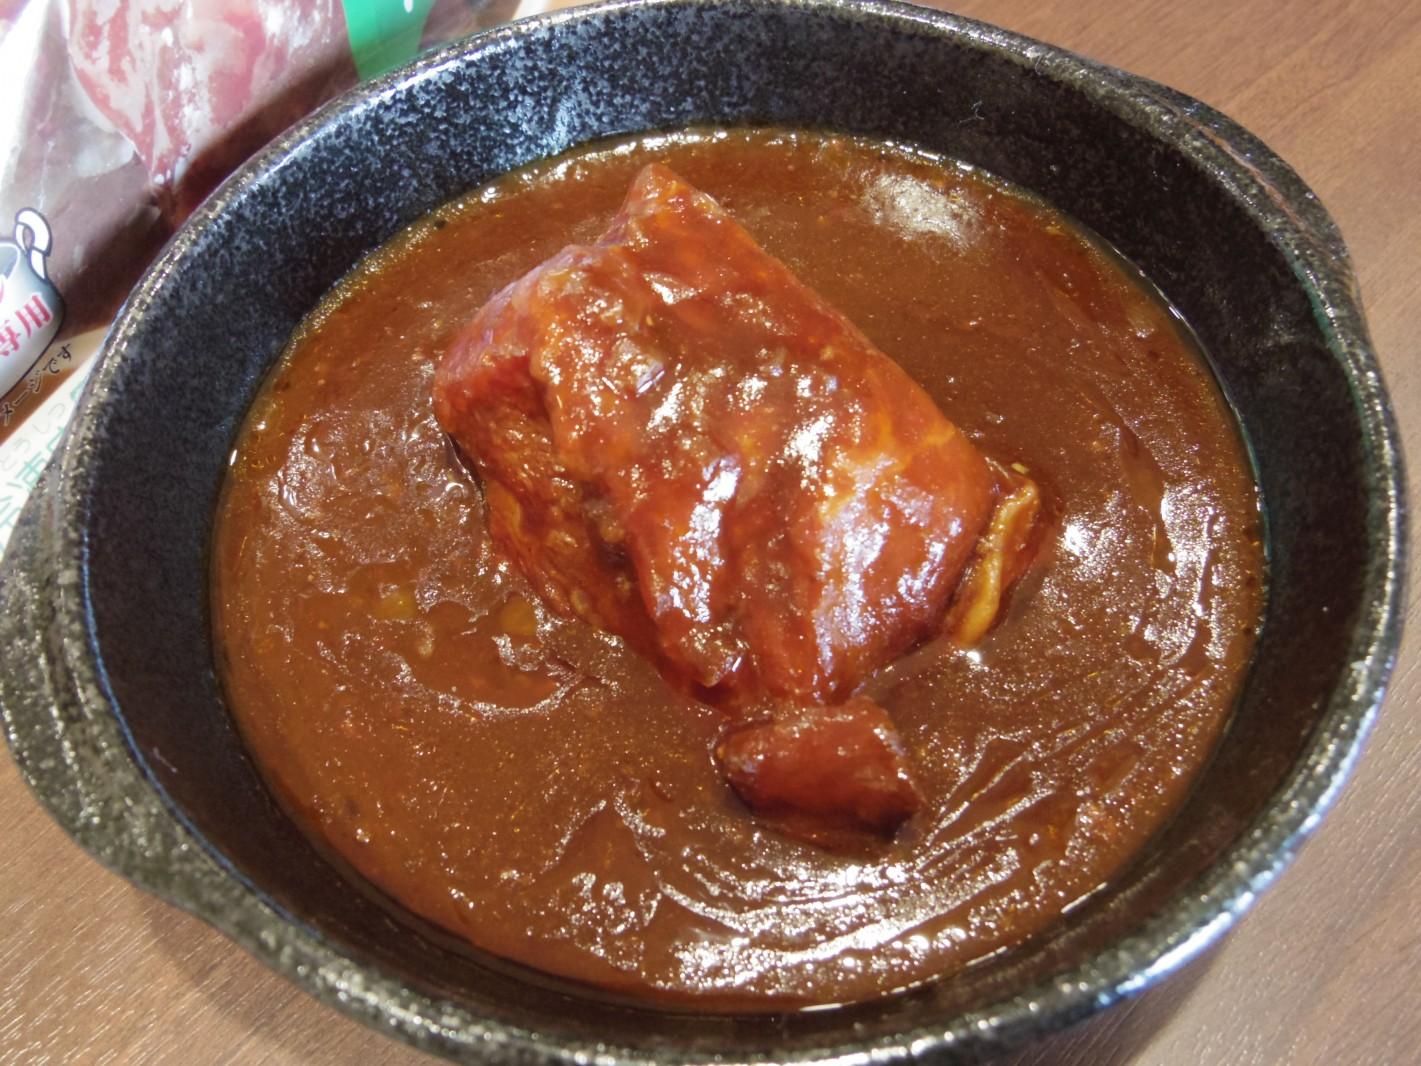 「肉を味わうビーフシチュー」 こんなガツン!とした冷凍食品は久しぶり(米久)